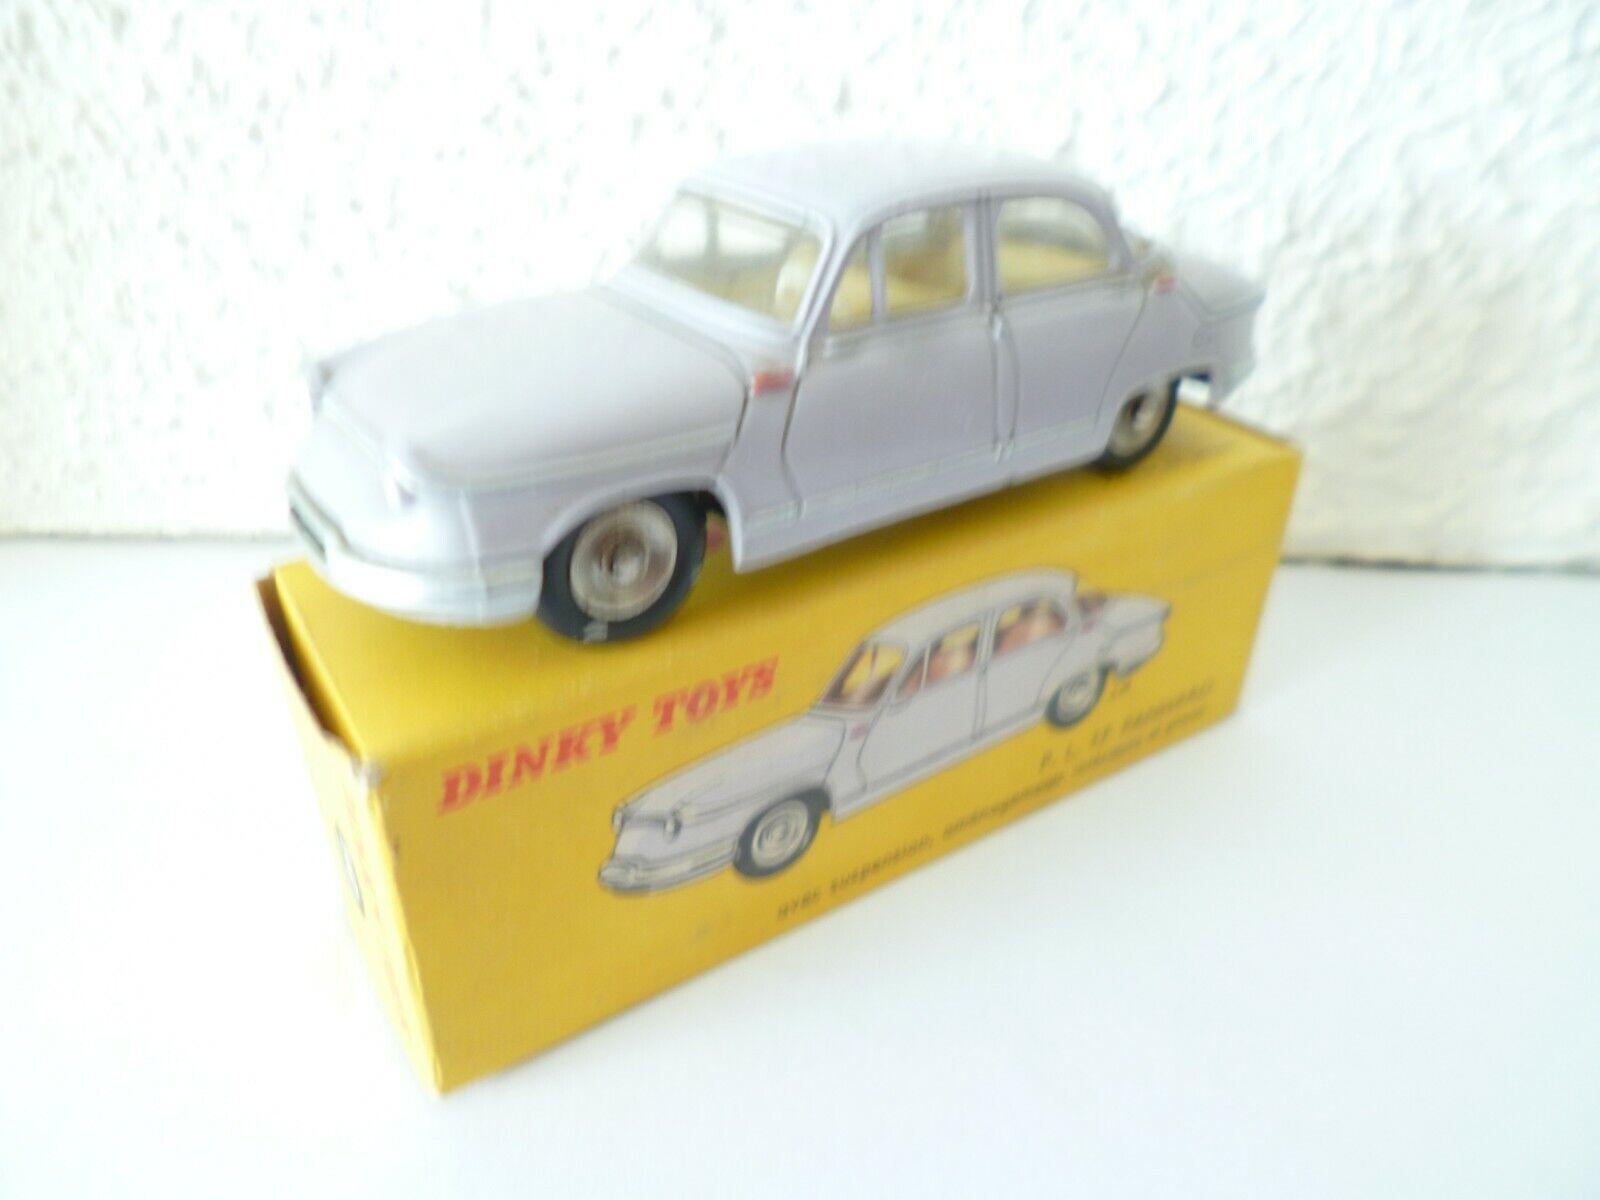 Panhard PL17 avec sa boite véritable Dinky Toys en bel état